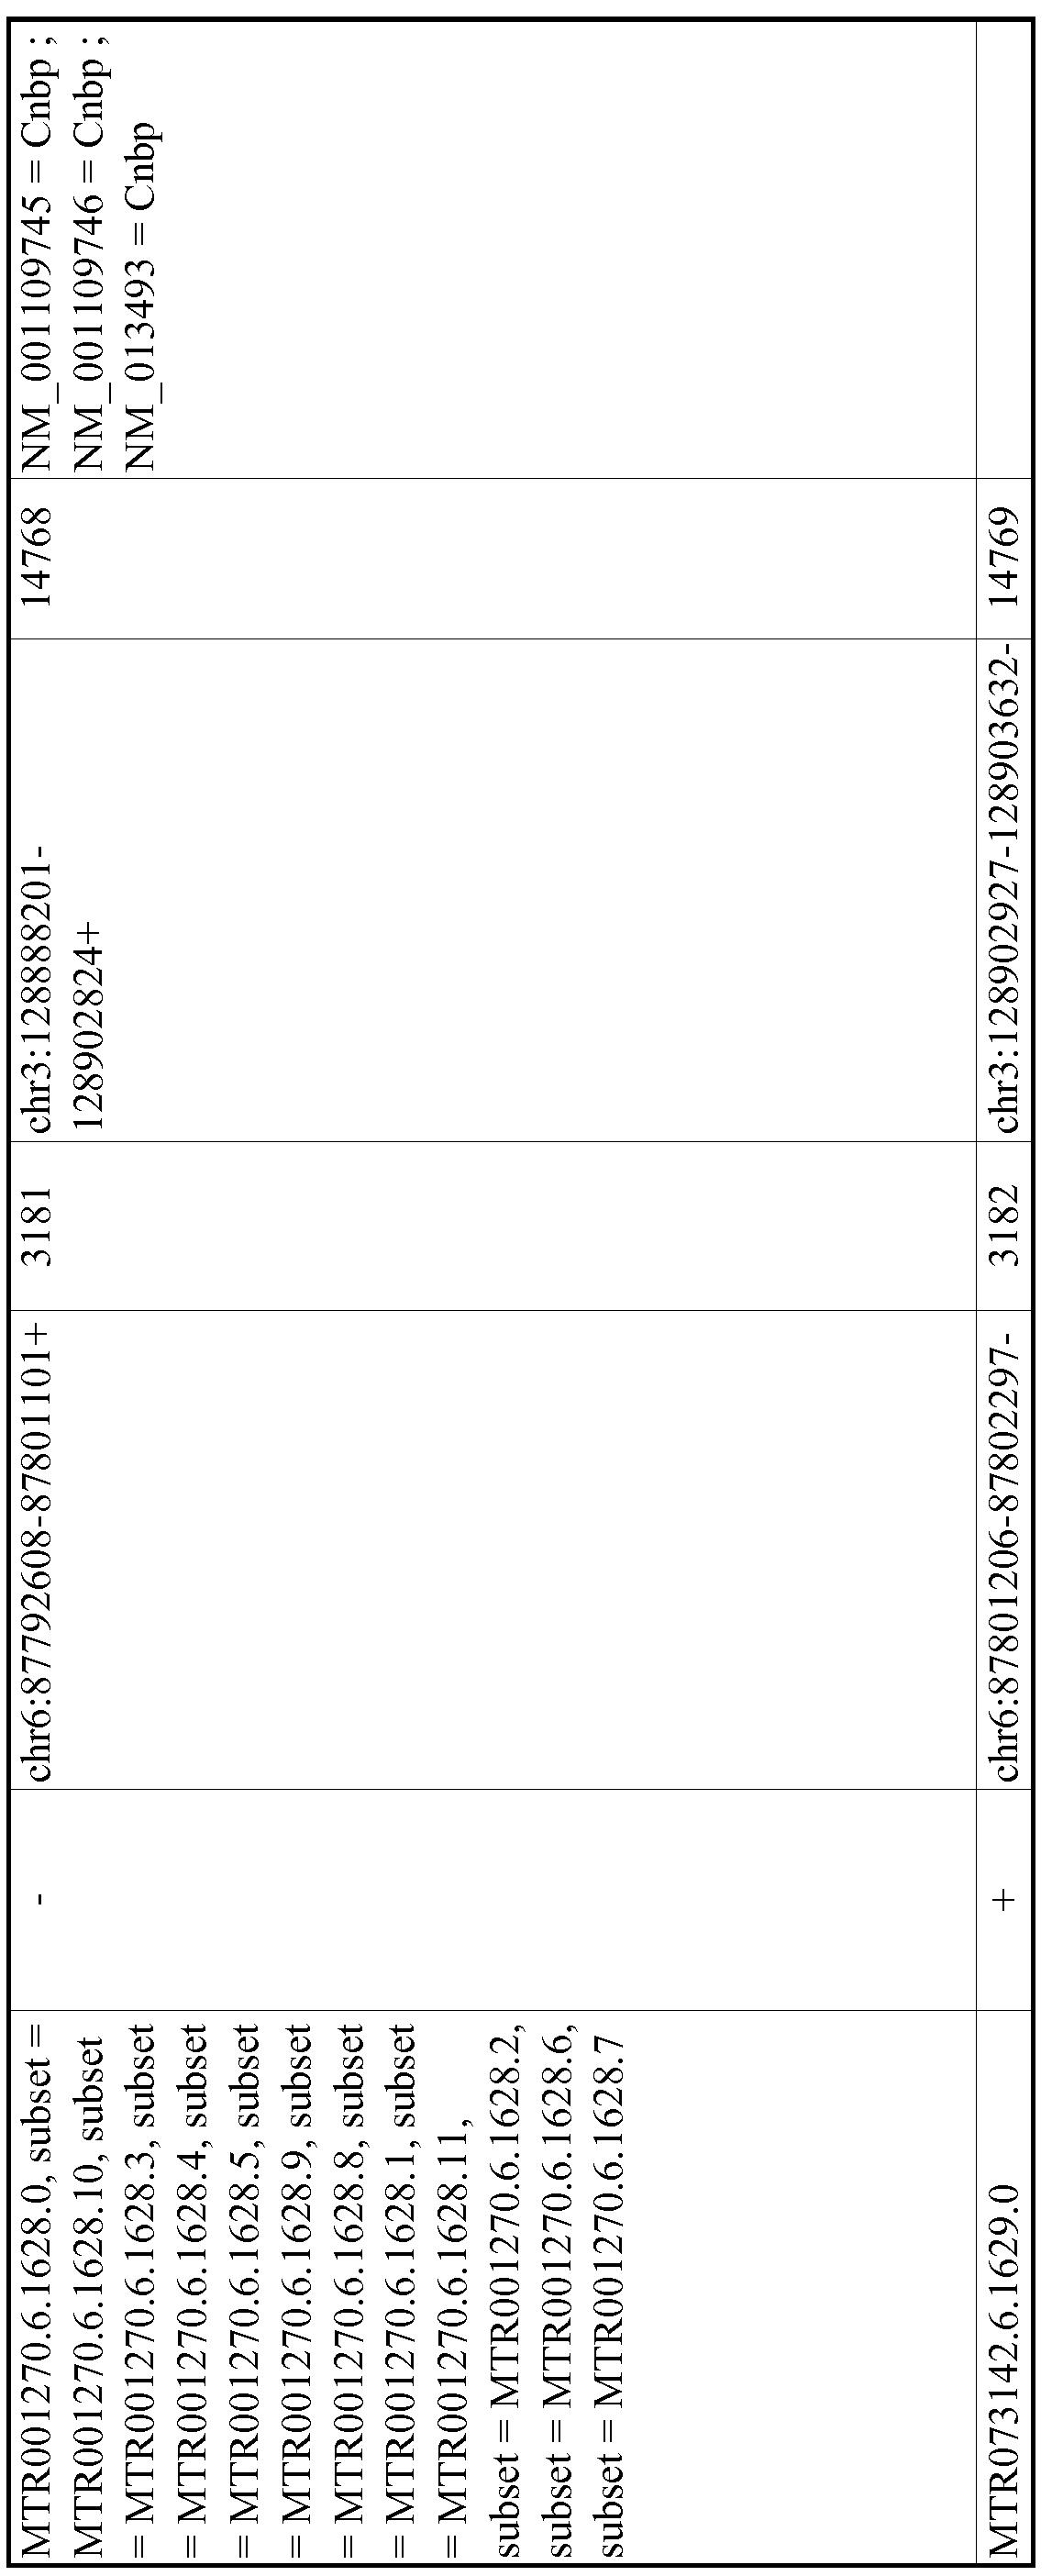 Figure imgf000632_0001